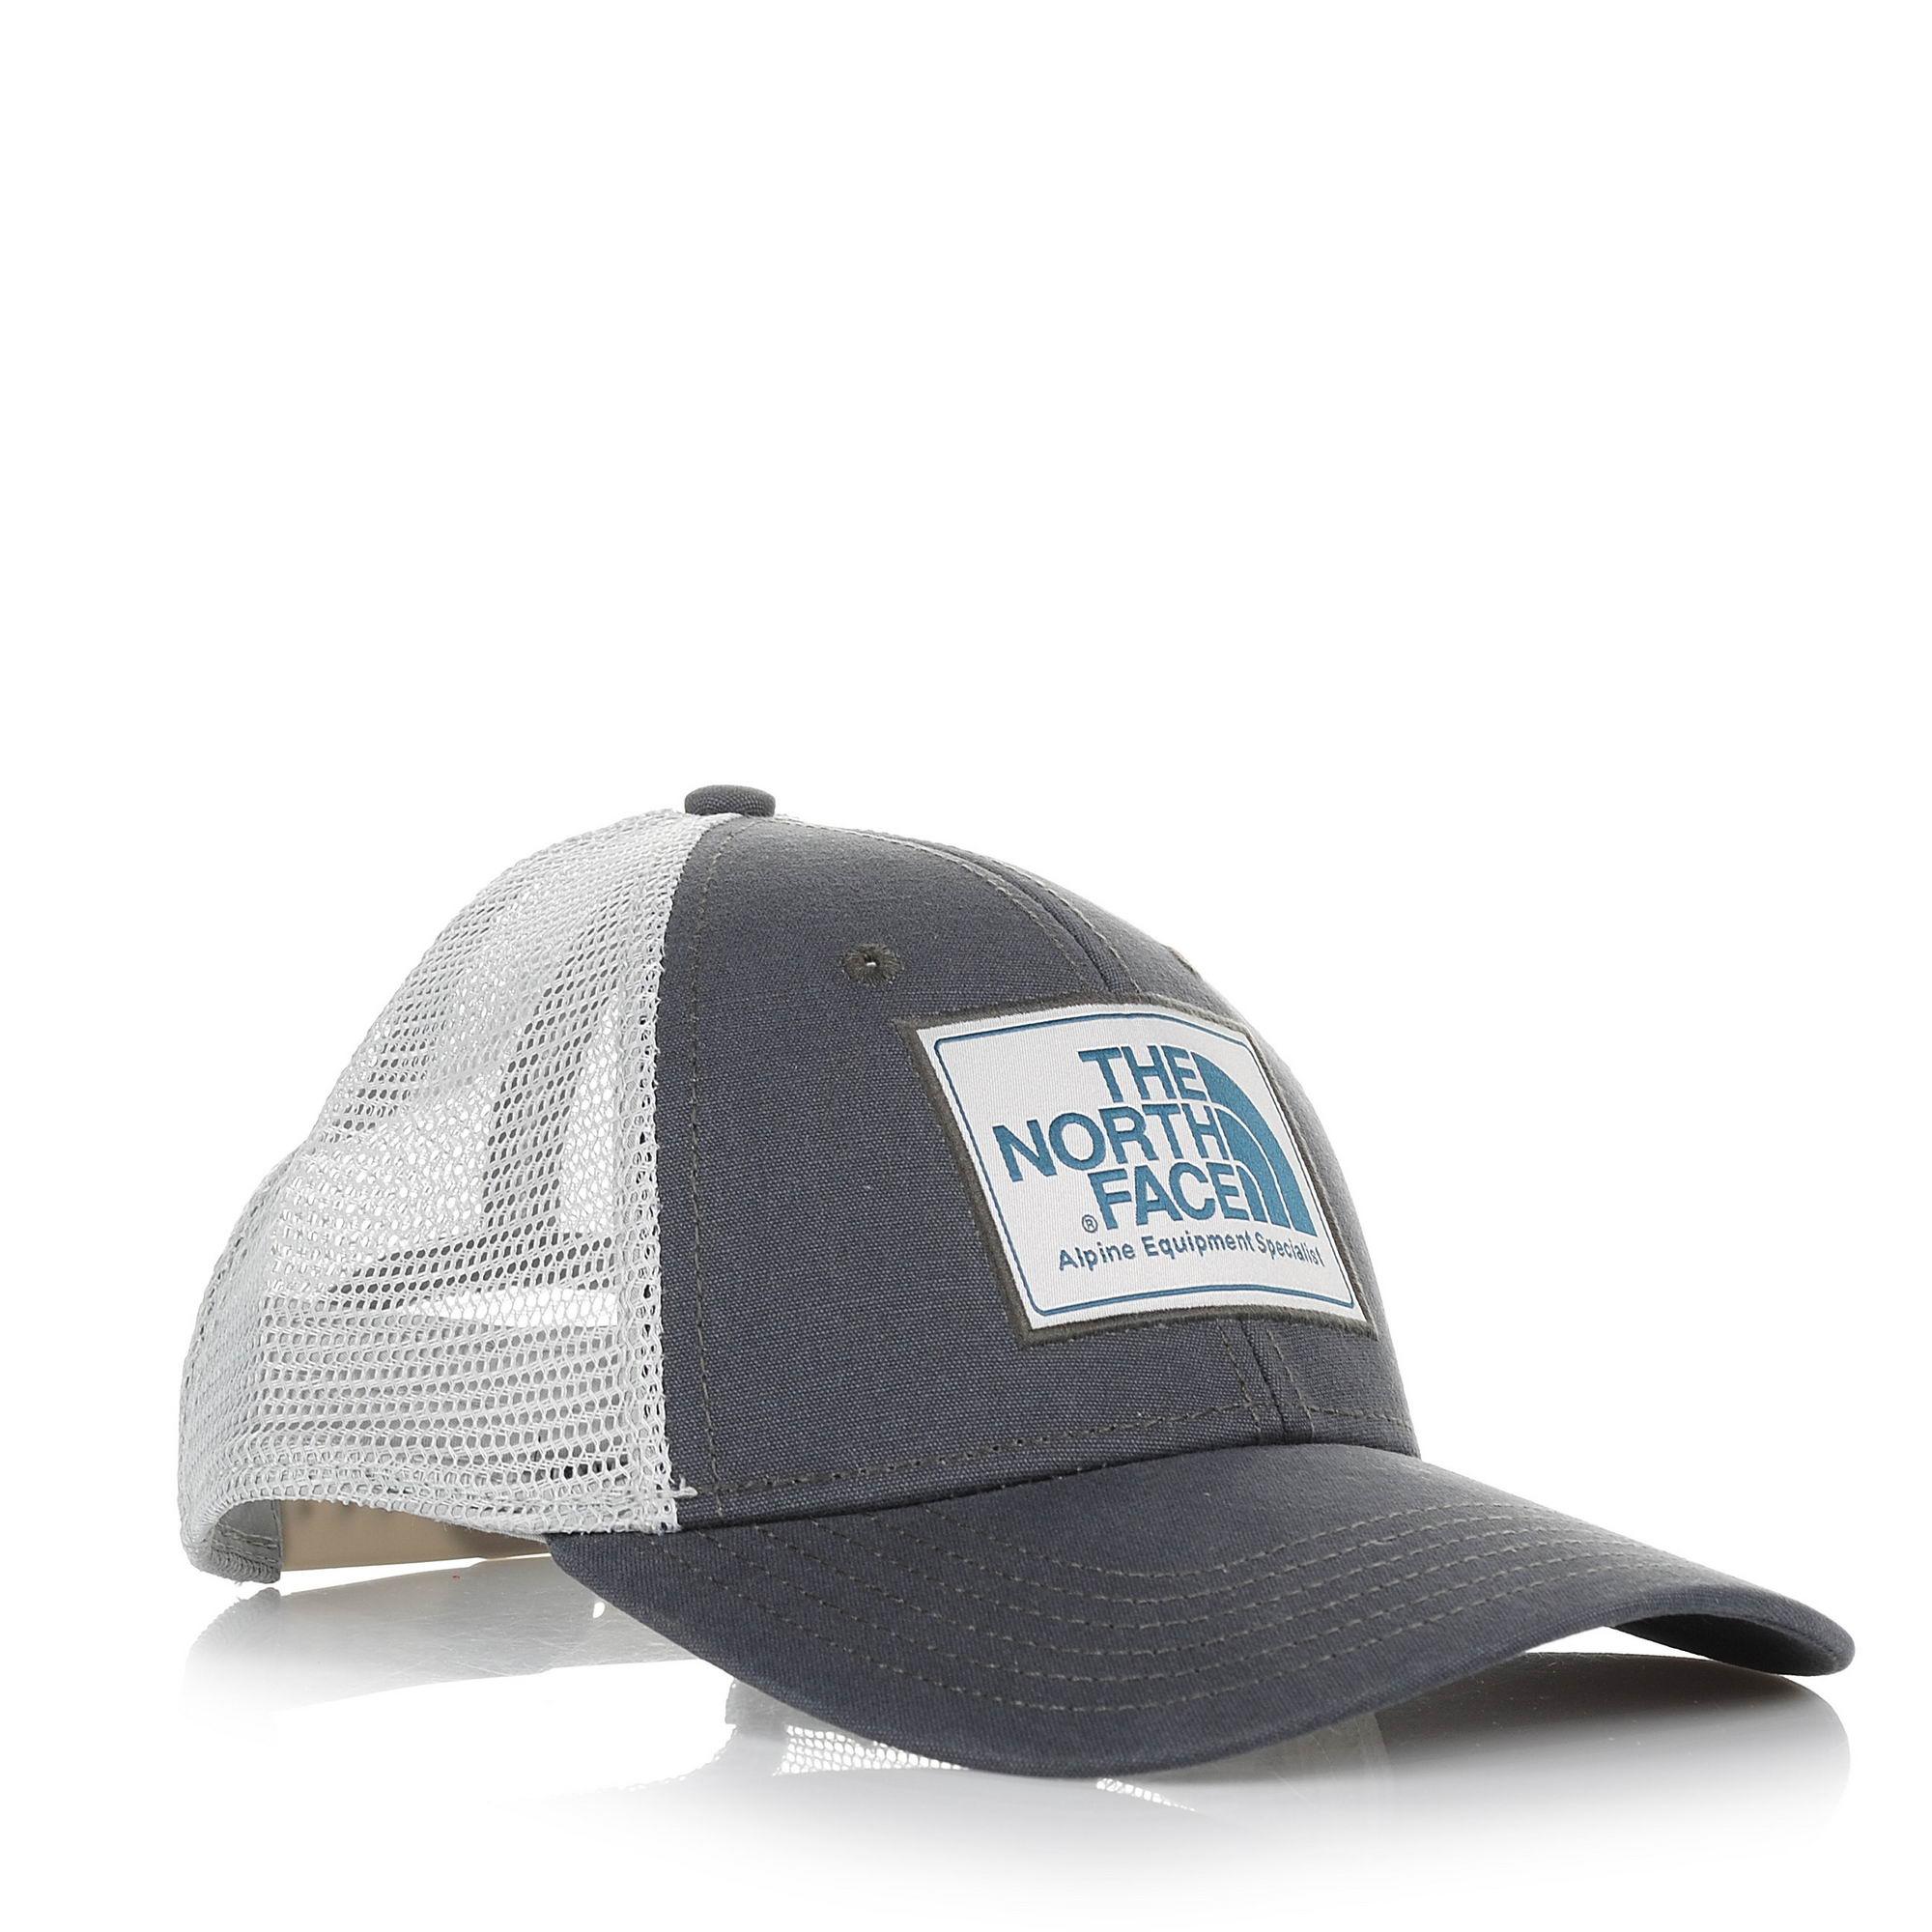 Καπέλο The North Face Mudder Trucker Hat NF00CGW ανδρας   καπέλο